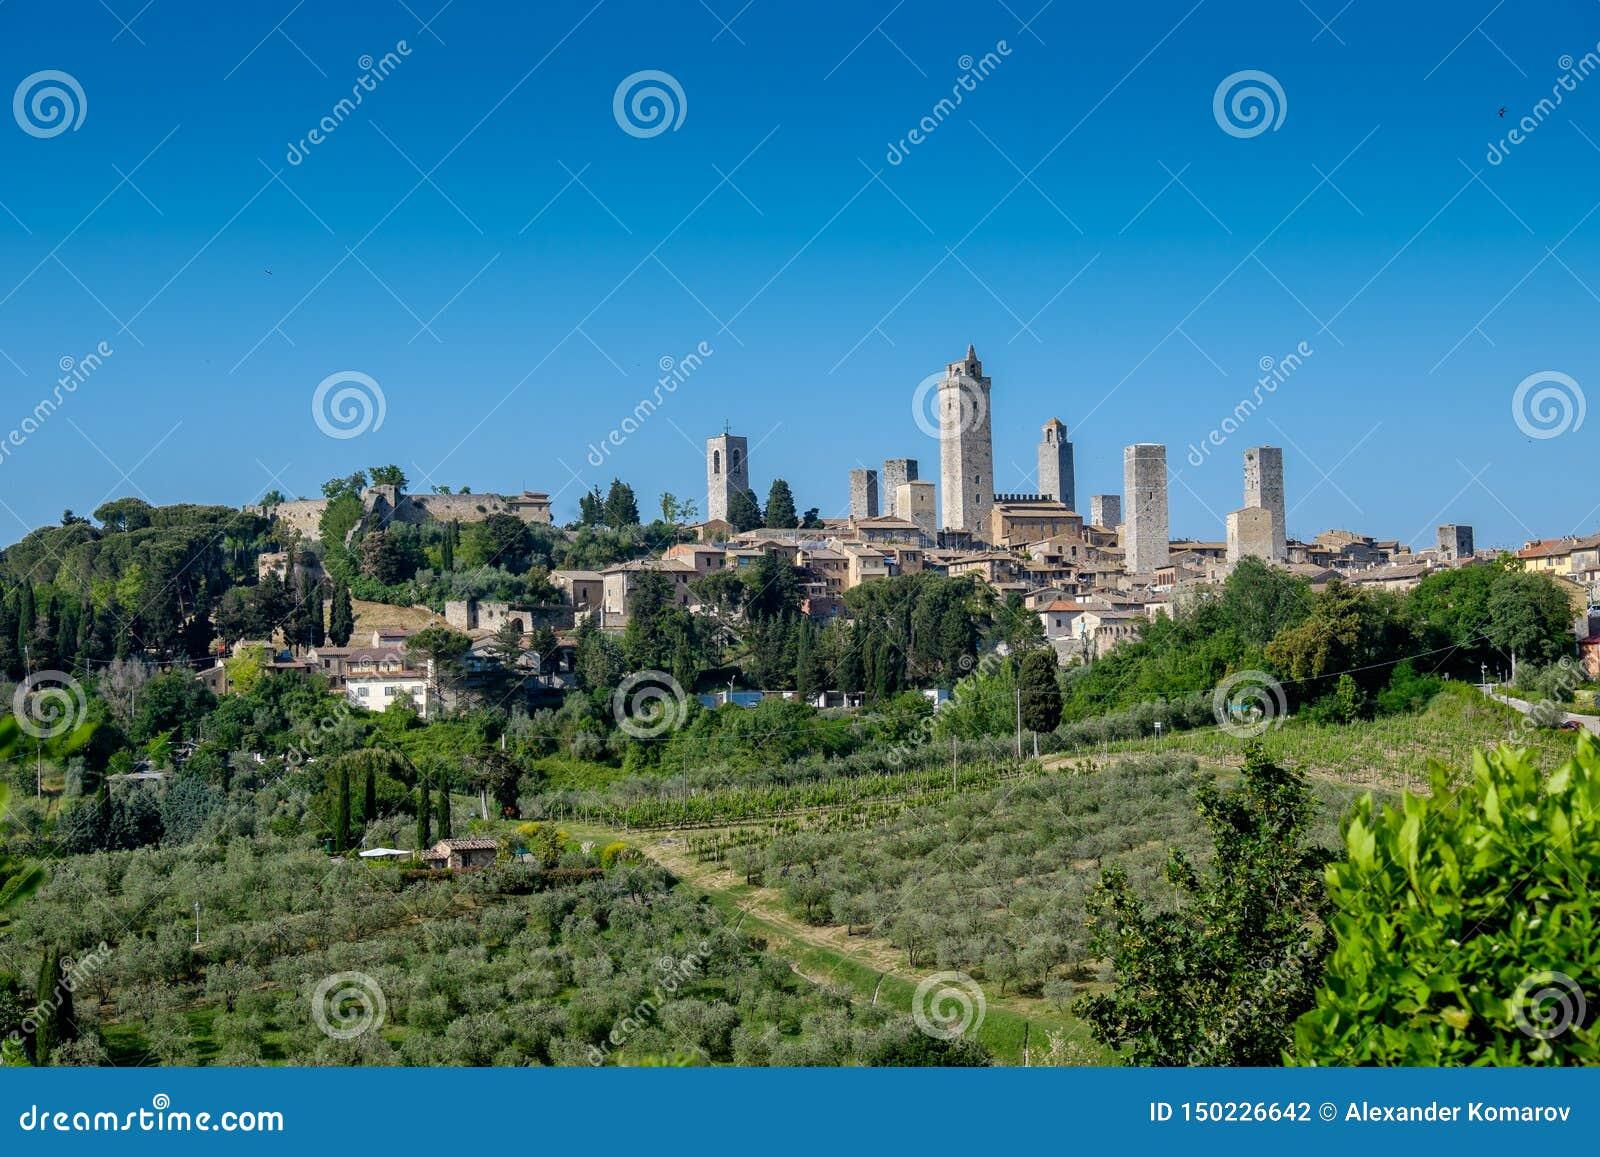 Ansicht nach San Gimignano, Toskana, Italien